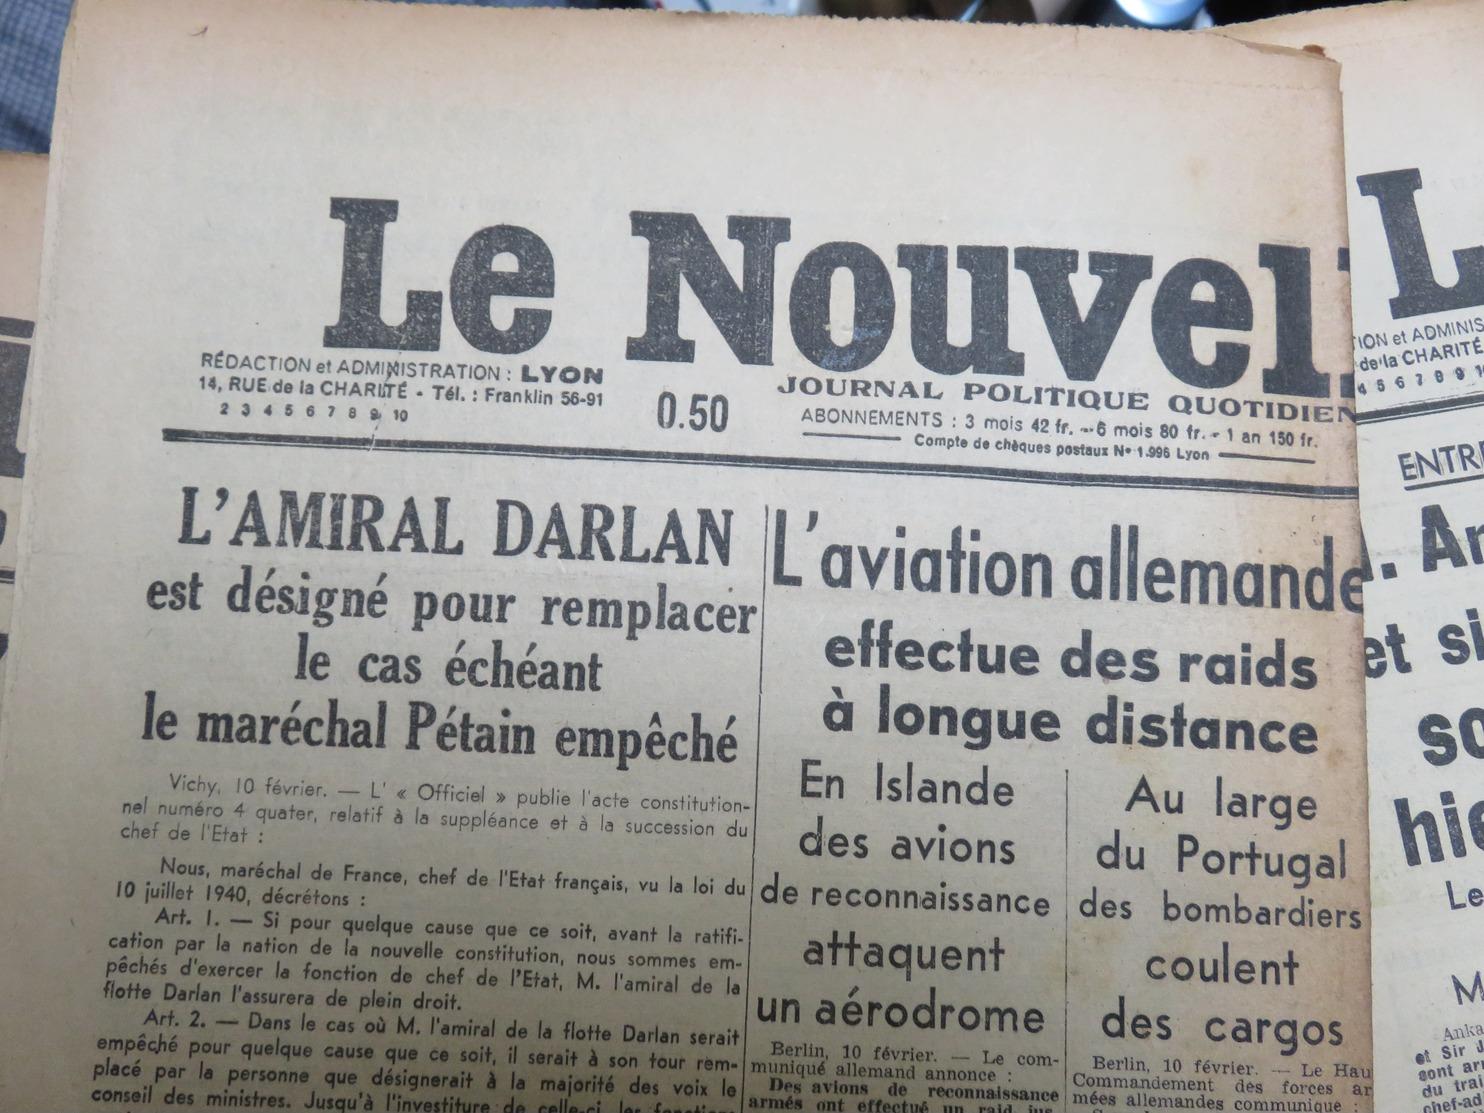 Rare Et Beau Lot De 32 Journaux 2 ème Guerre Mondiale Années 1941 1942 WW2 Ww1 - MISE A PRIX 1€ ! Pensez à Regrouper Vo - Autres